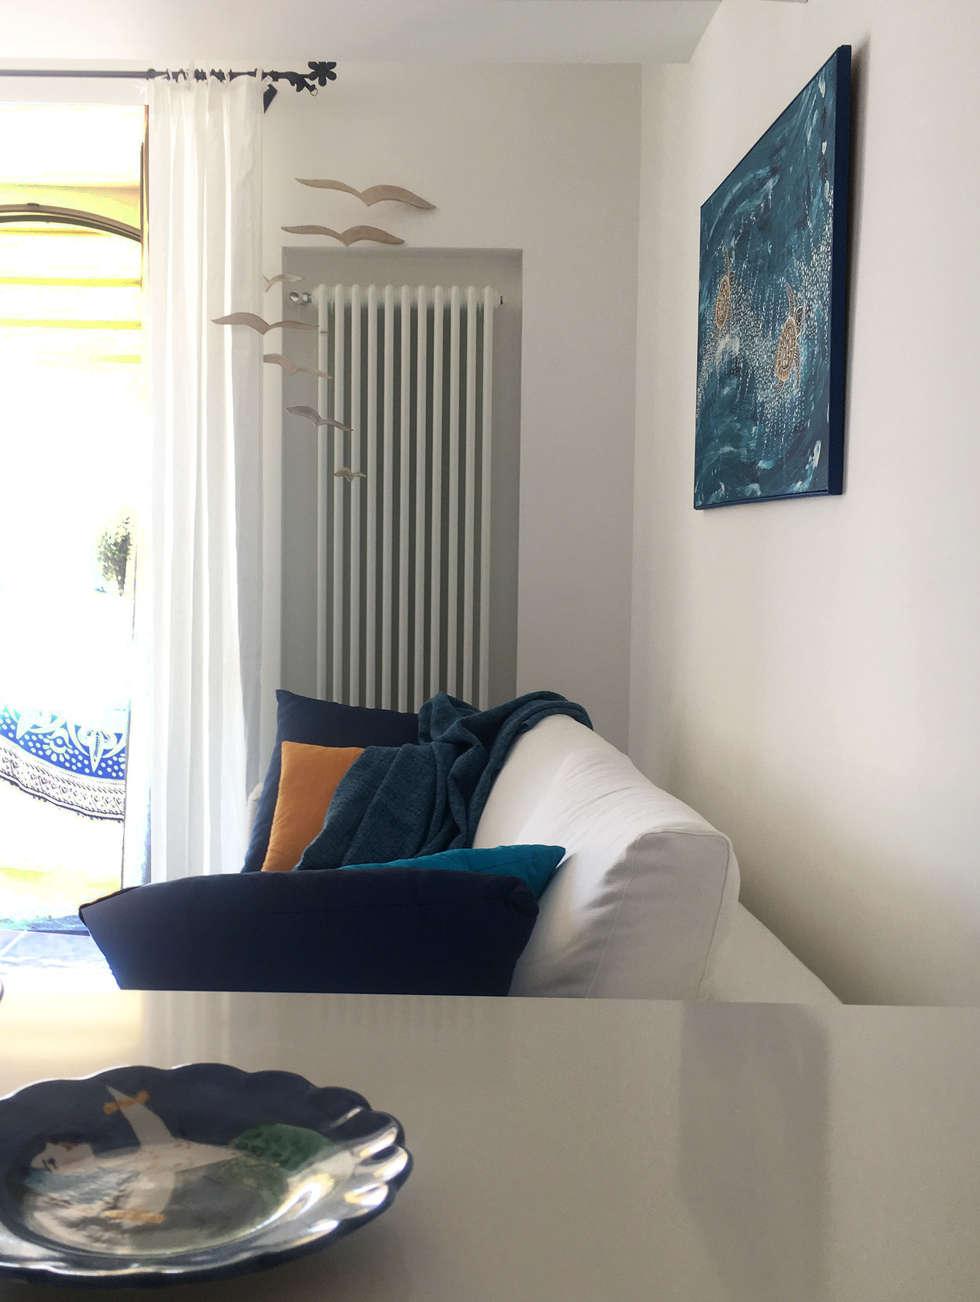 Casa a Positano - Soggiorno: Soggiorno in stile in stile Mediterraneo di archielle